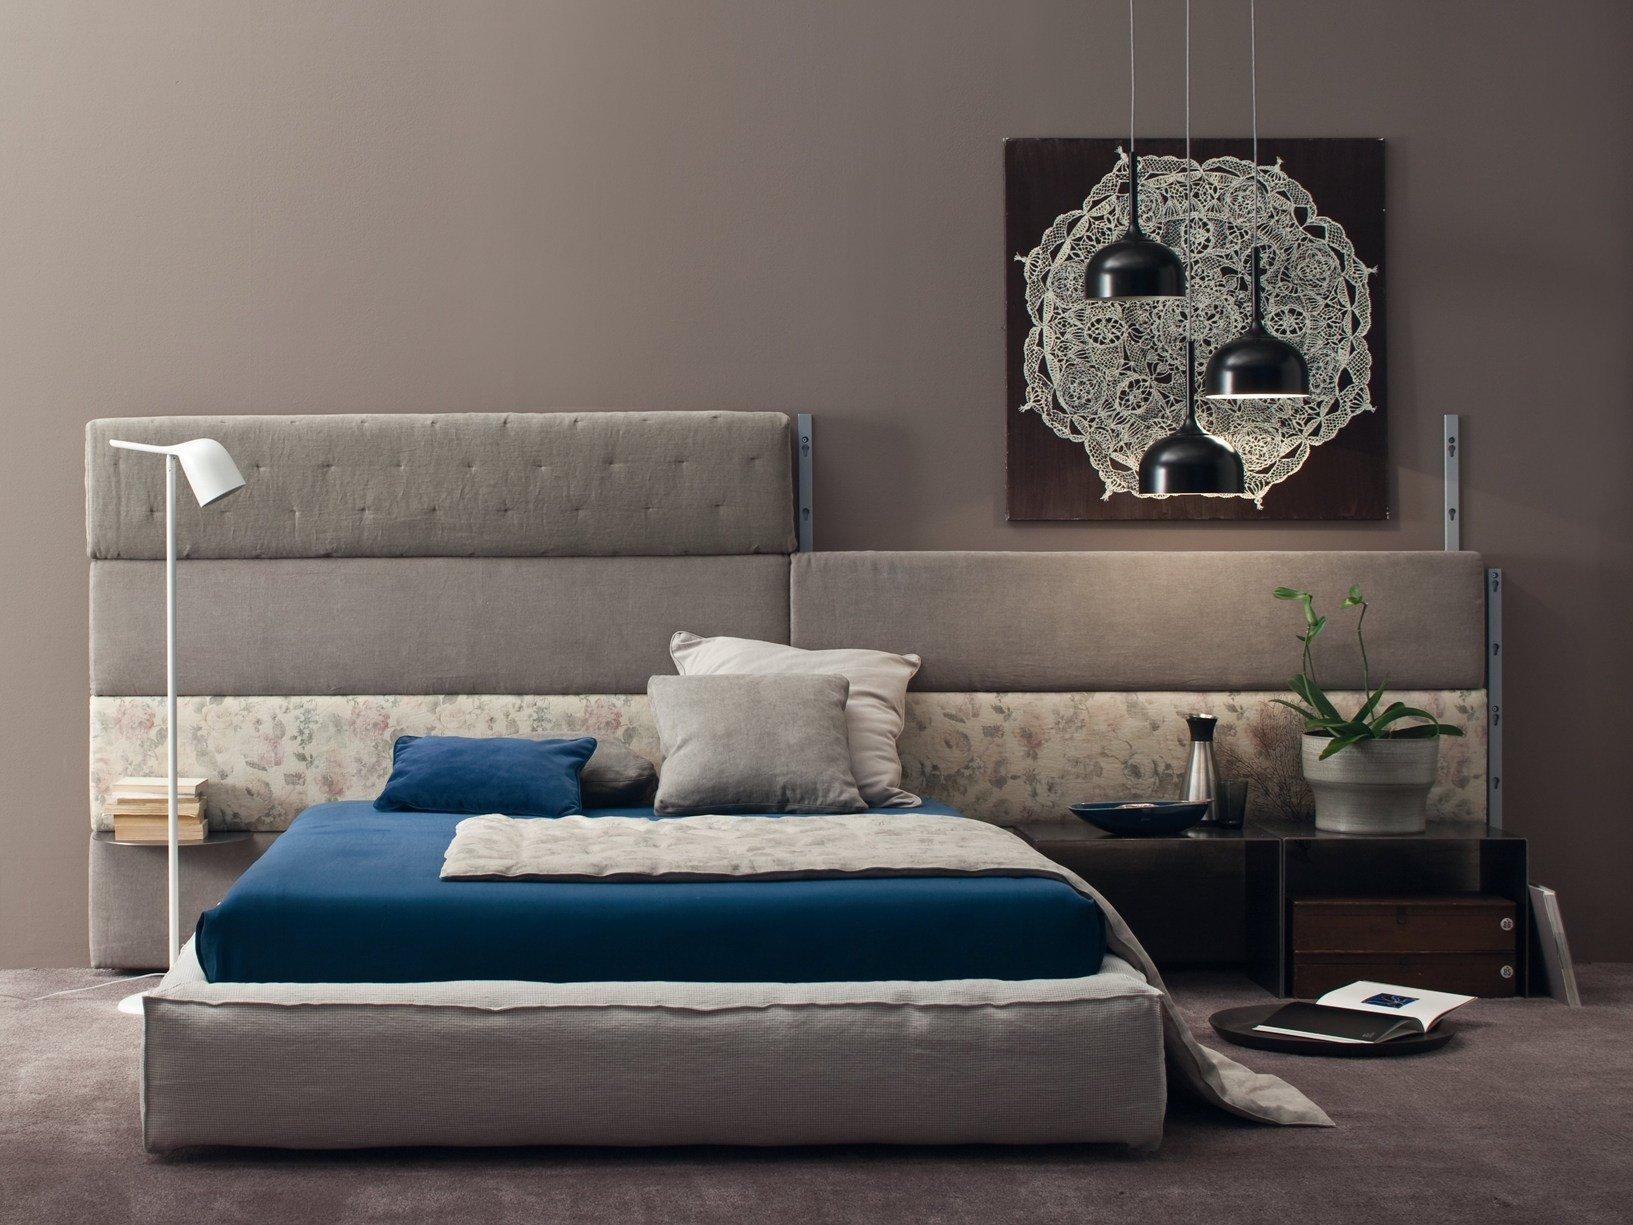 Le nuove collezioni twils presentate a milano - Nuove posizioni a letto ...